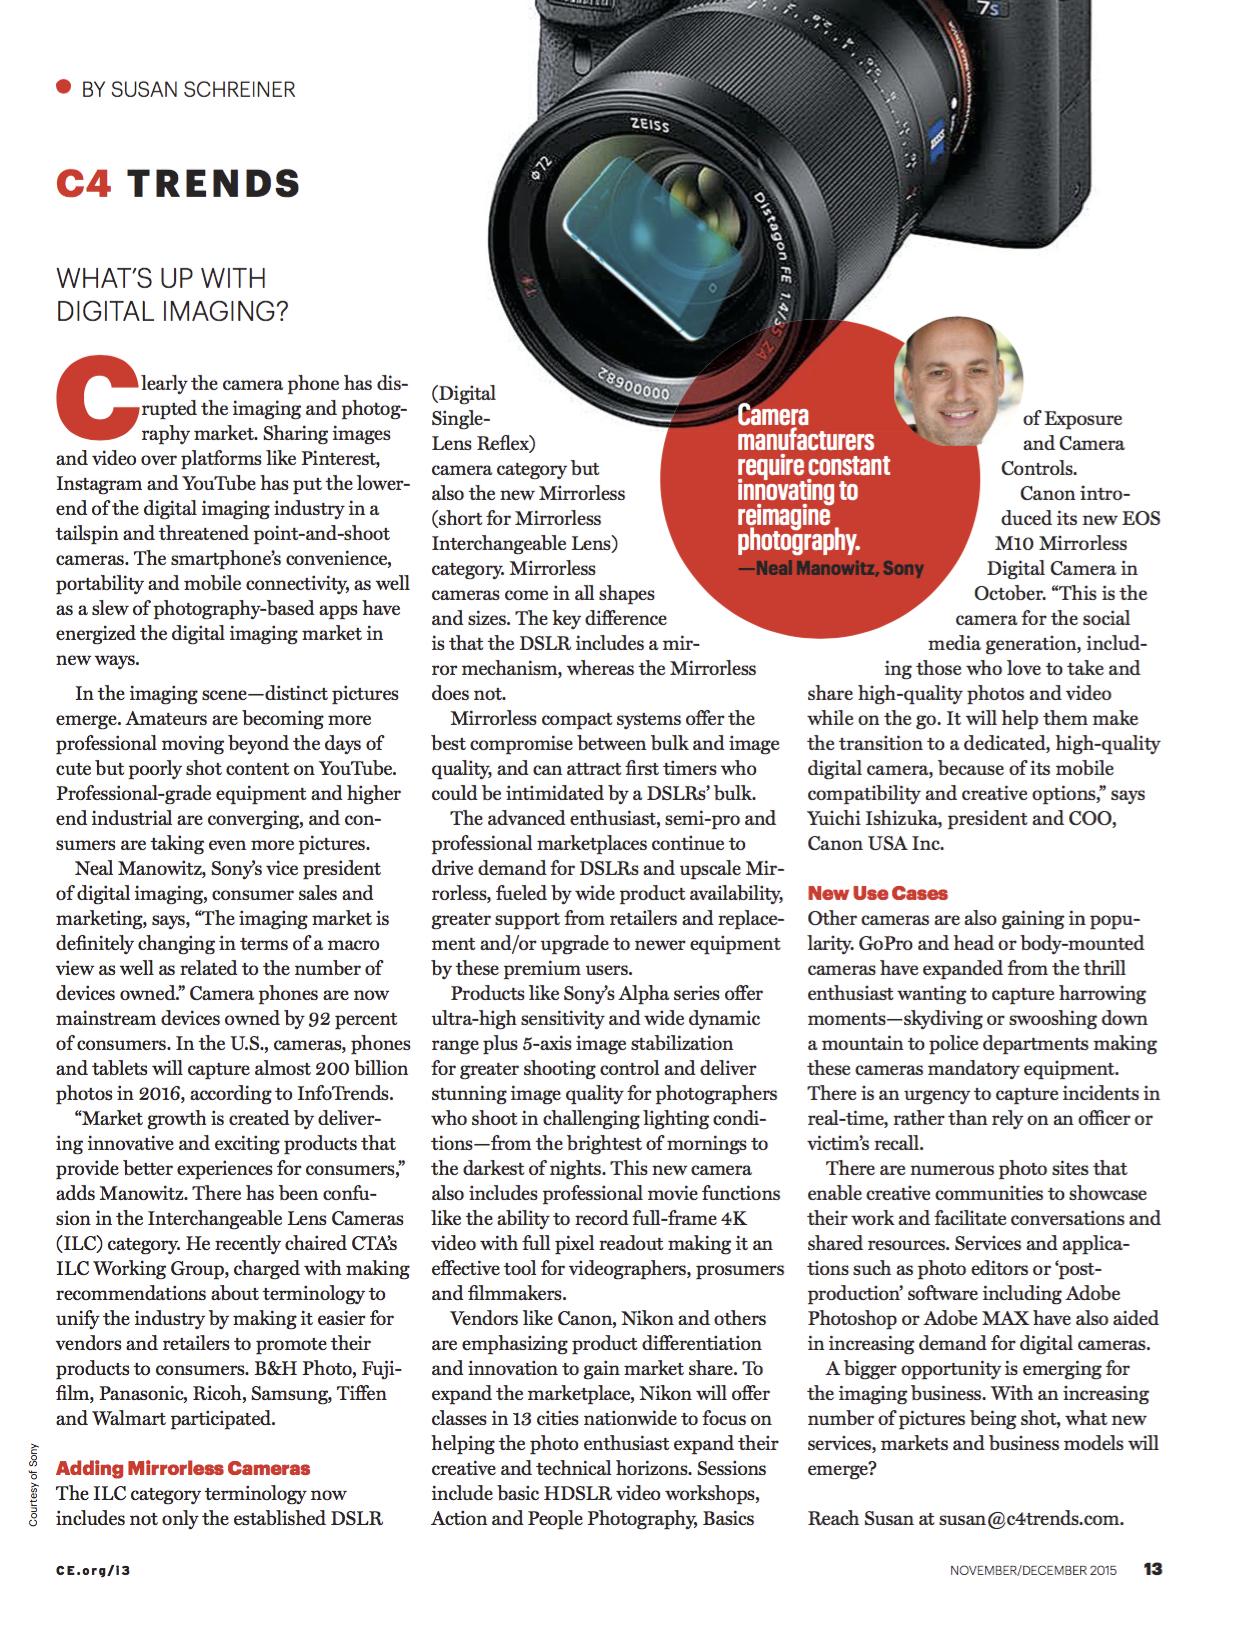 i3 susan camera article